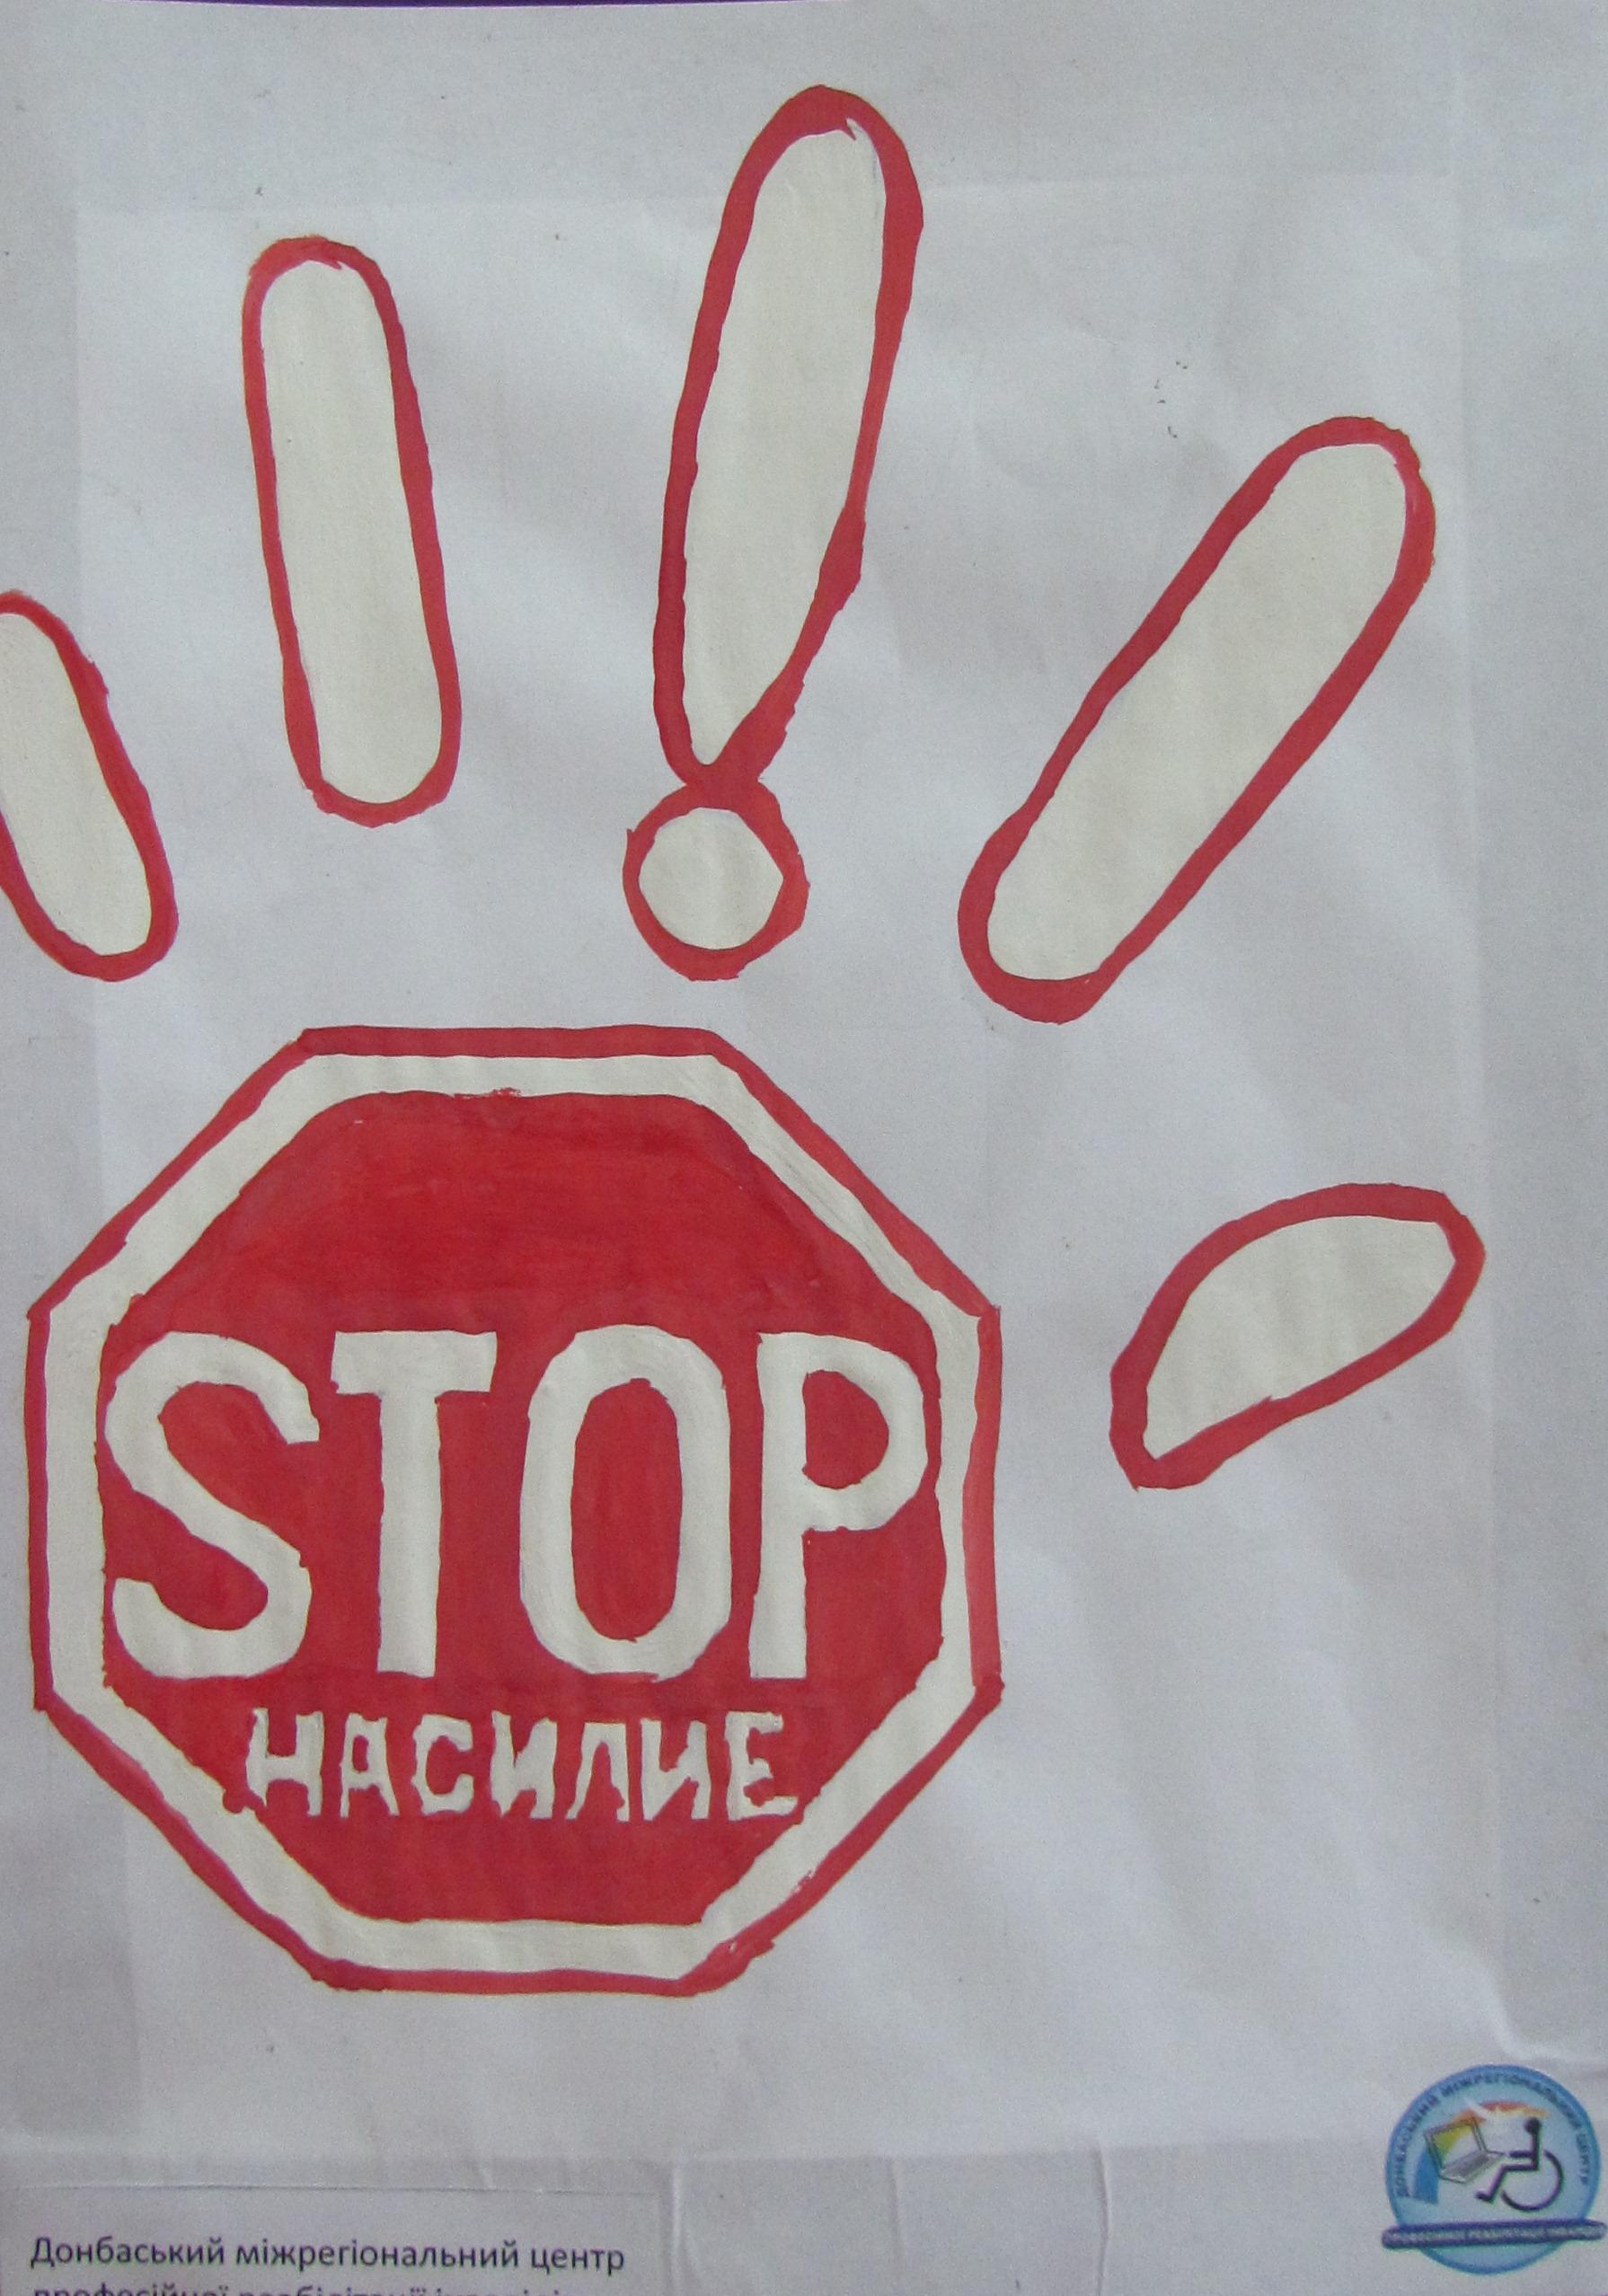 Донбаський міжрегіональний центр професійної реабілітації інвалідів